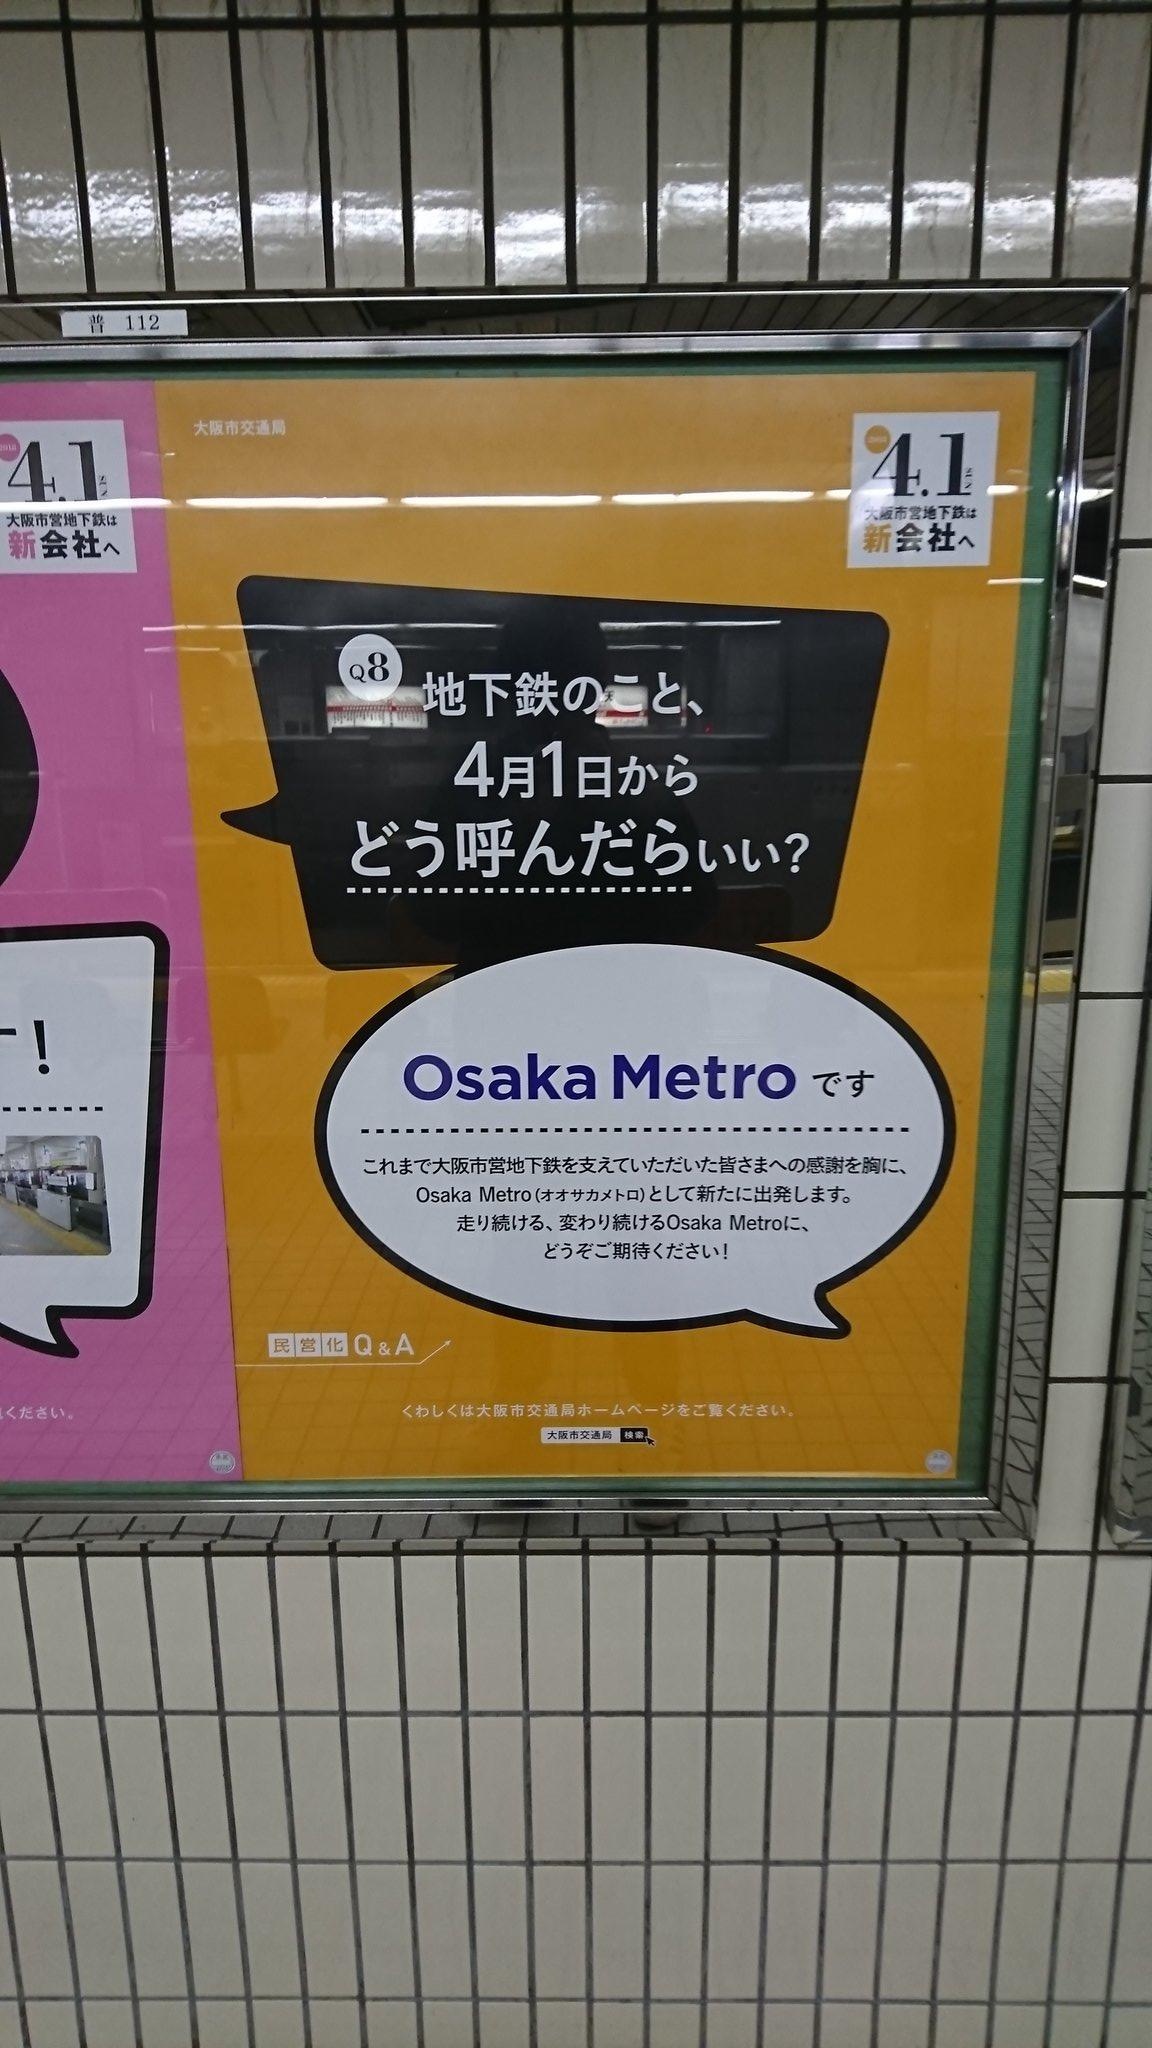 たぶん誰も呼ばない! 大阪地下鉄が4月から提案する新しい呼び名! | 話題の畫像プラス